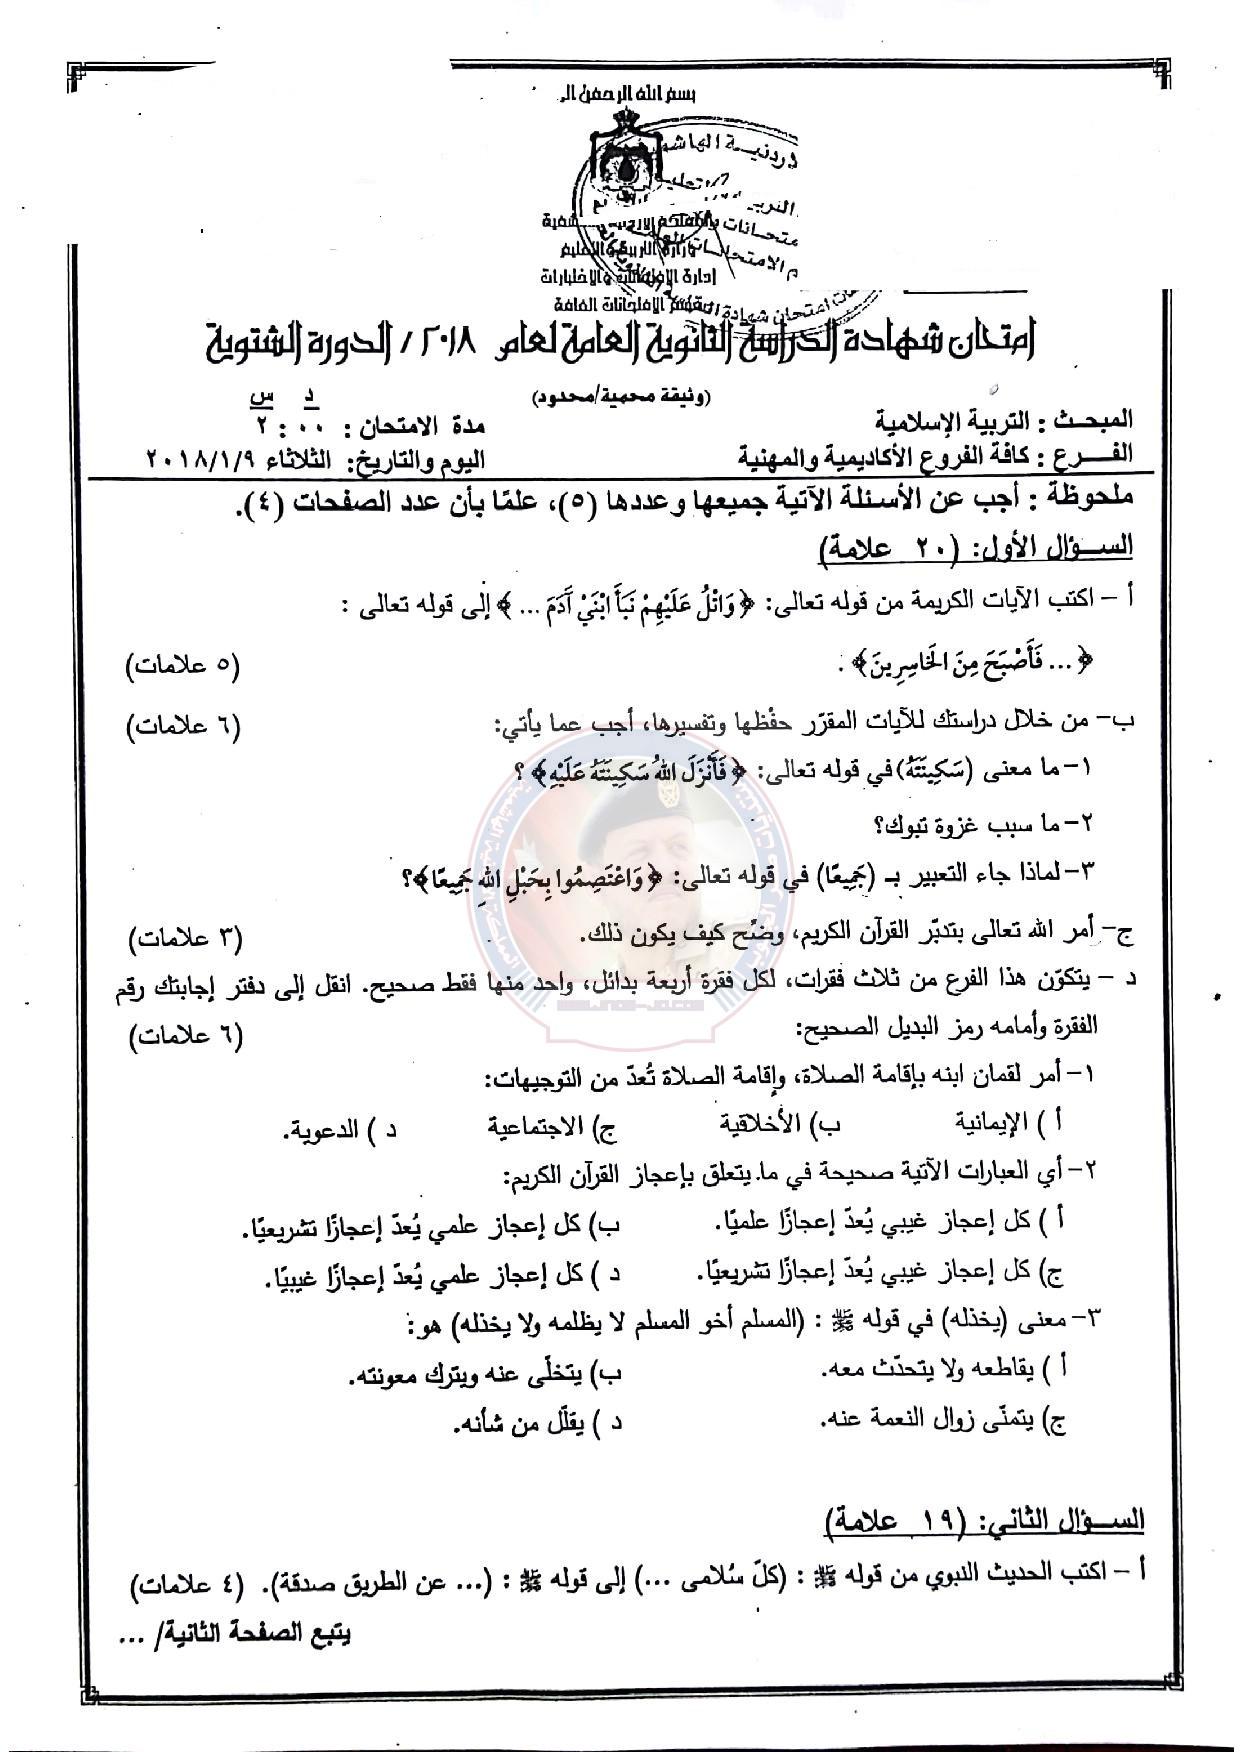 الامتحان الوزاري لمادة التربية الإسلامية do.php?img=21367